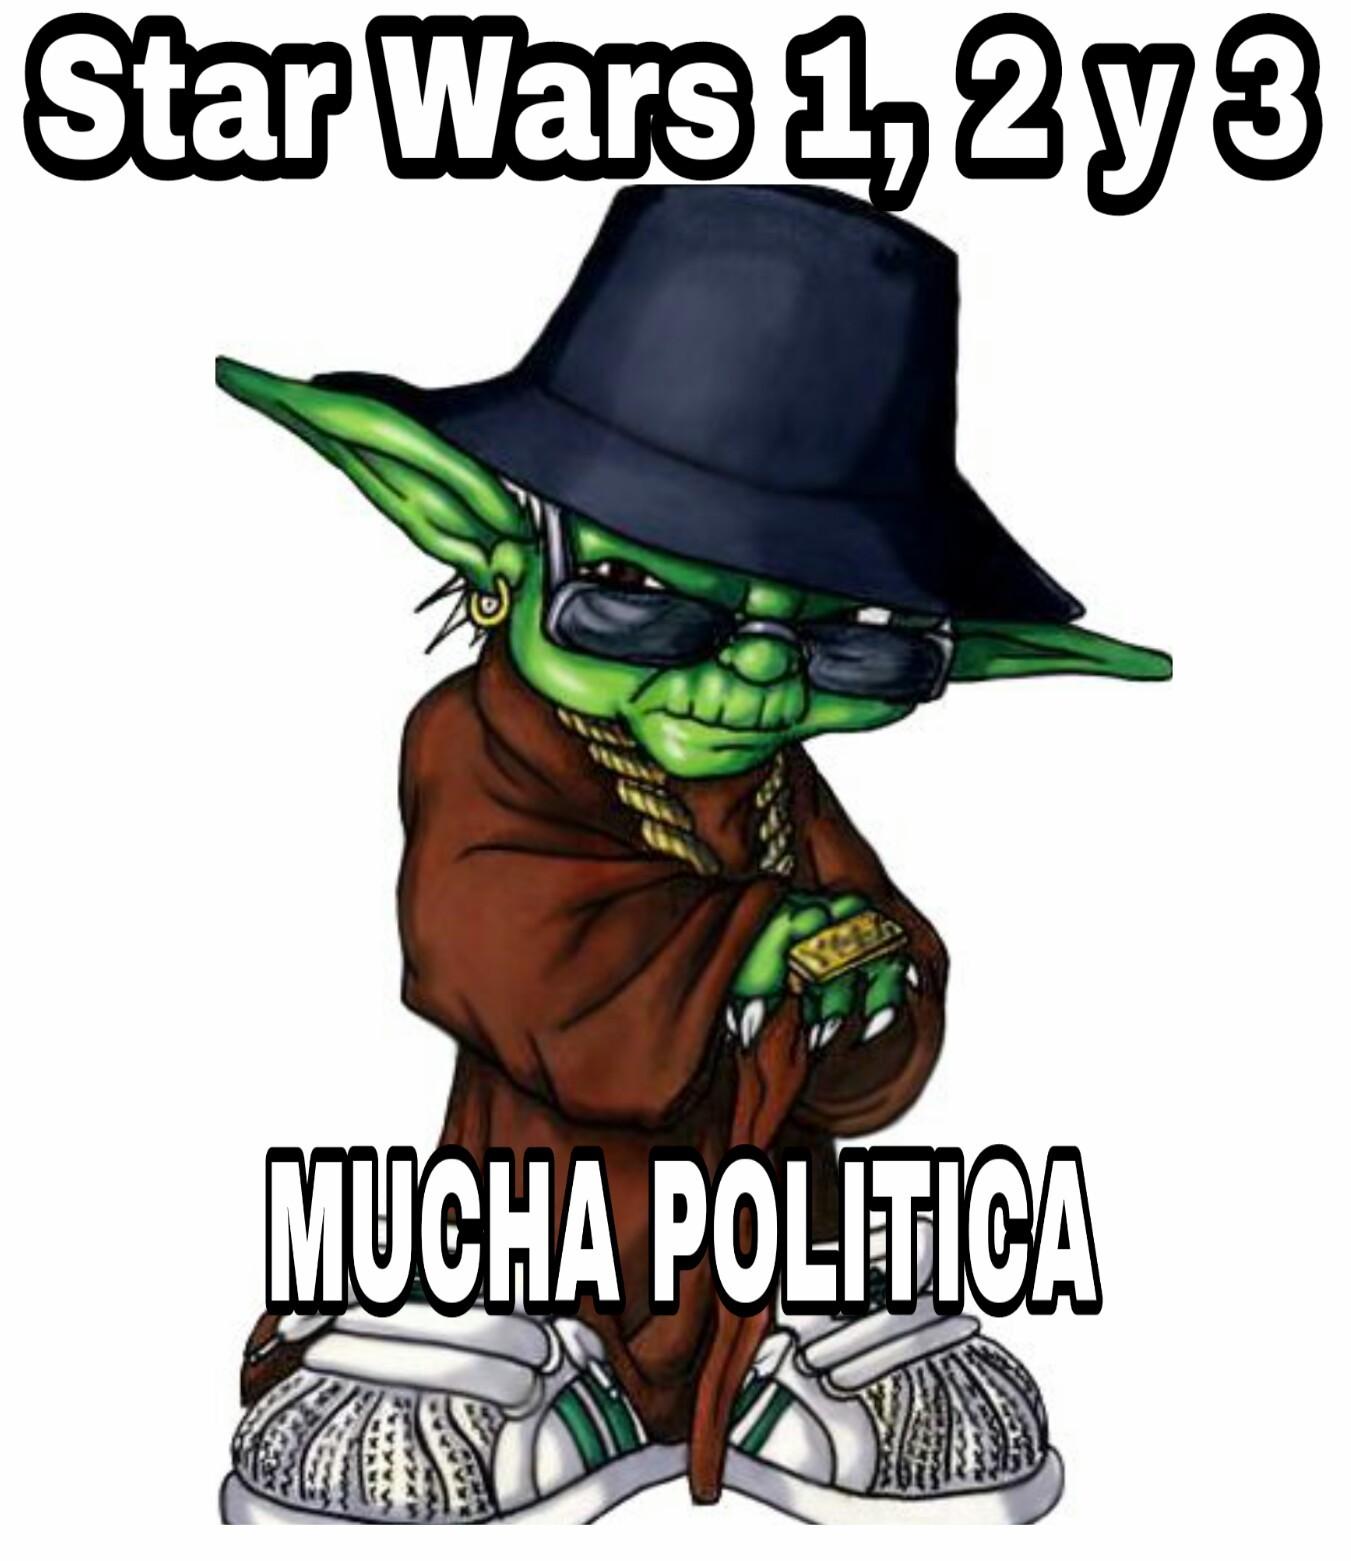 Mucha politica - meme